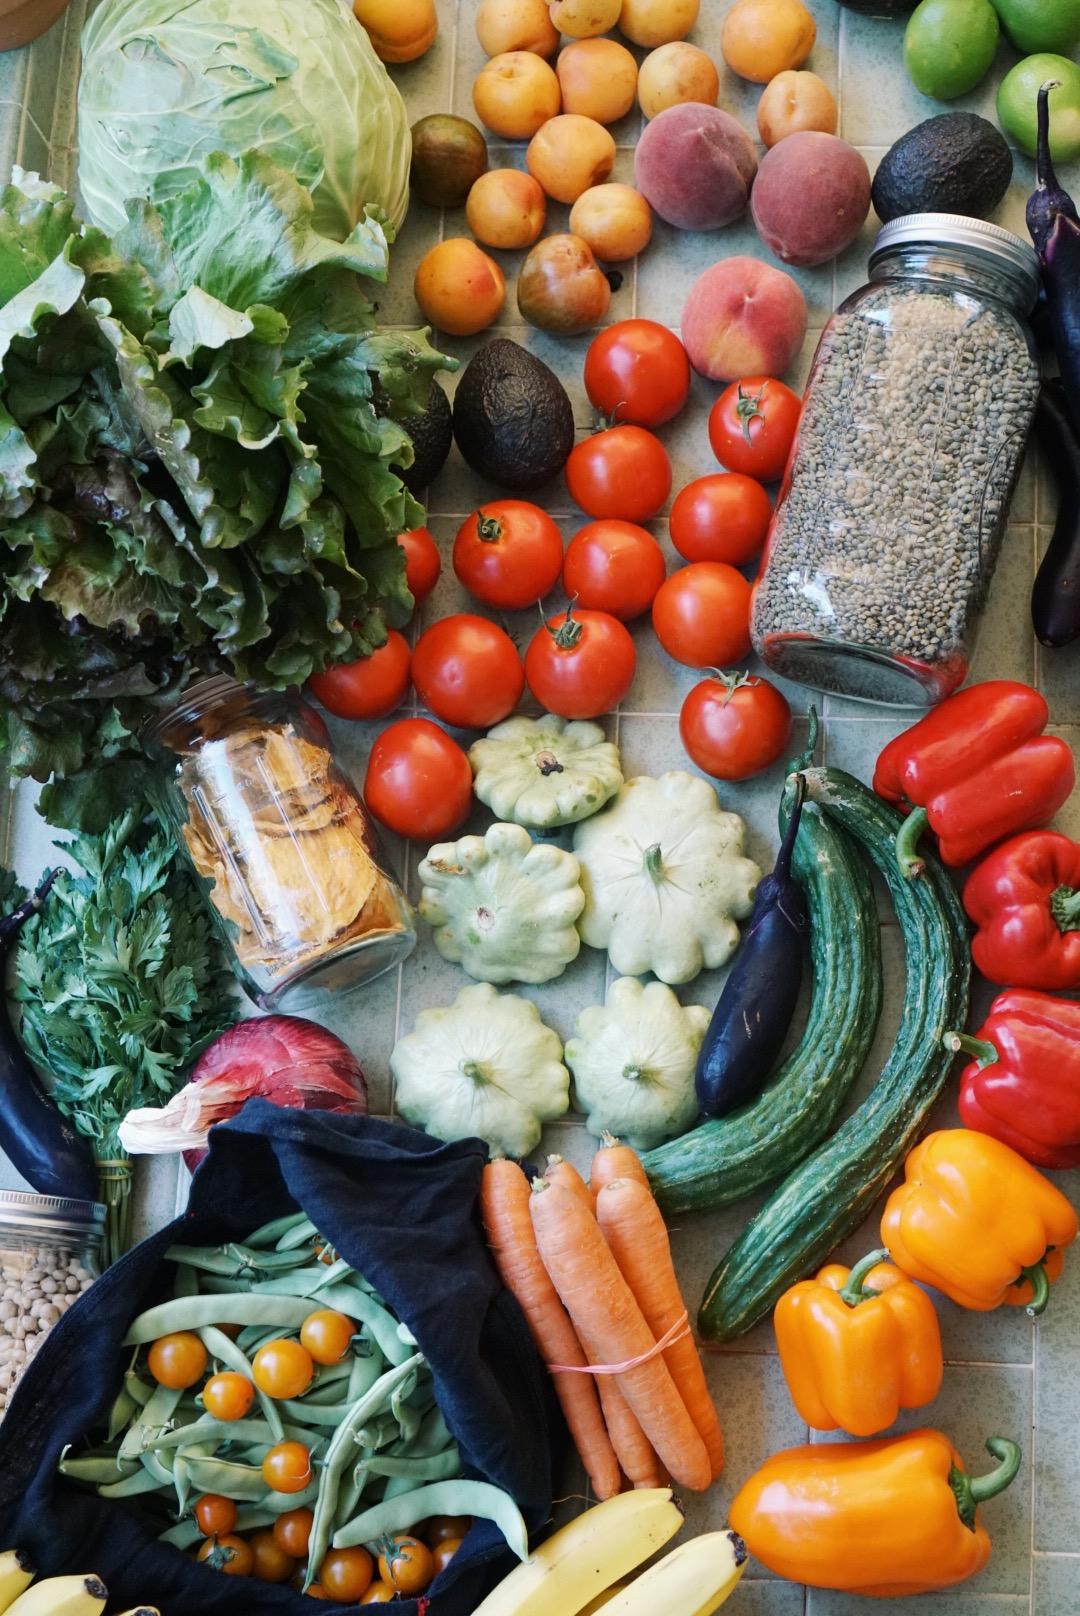 market haul zero waste vegan